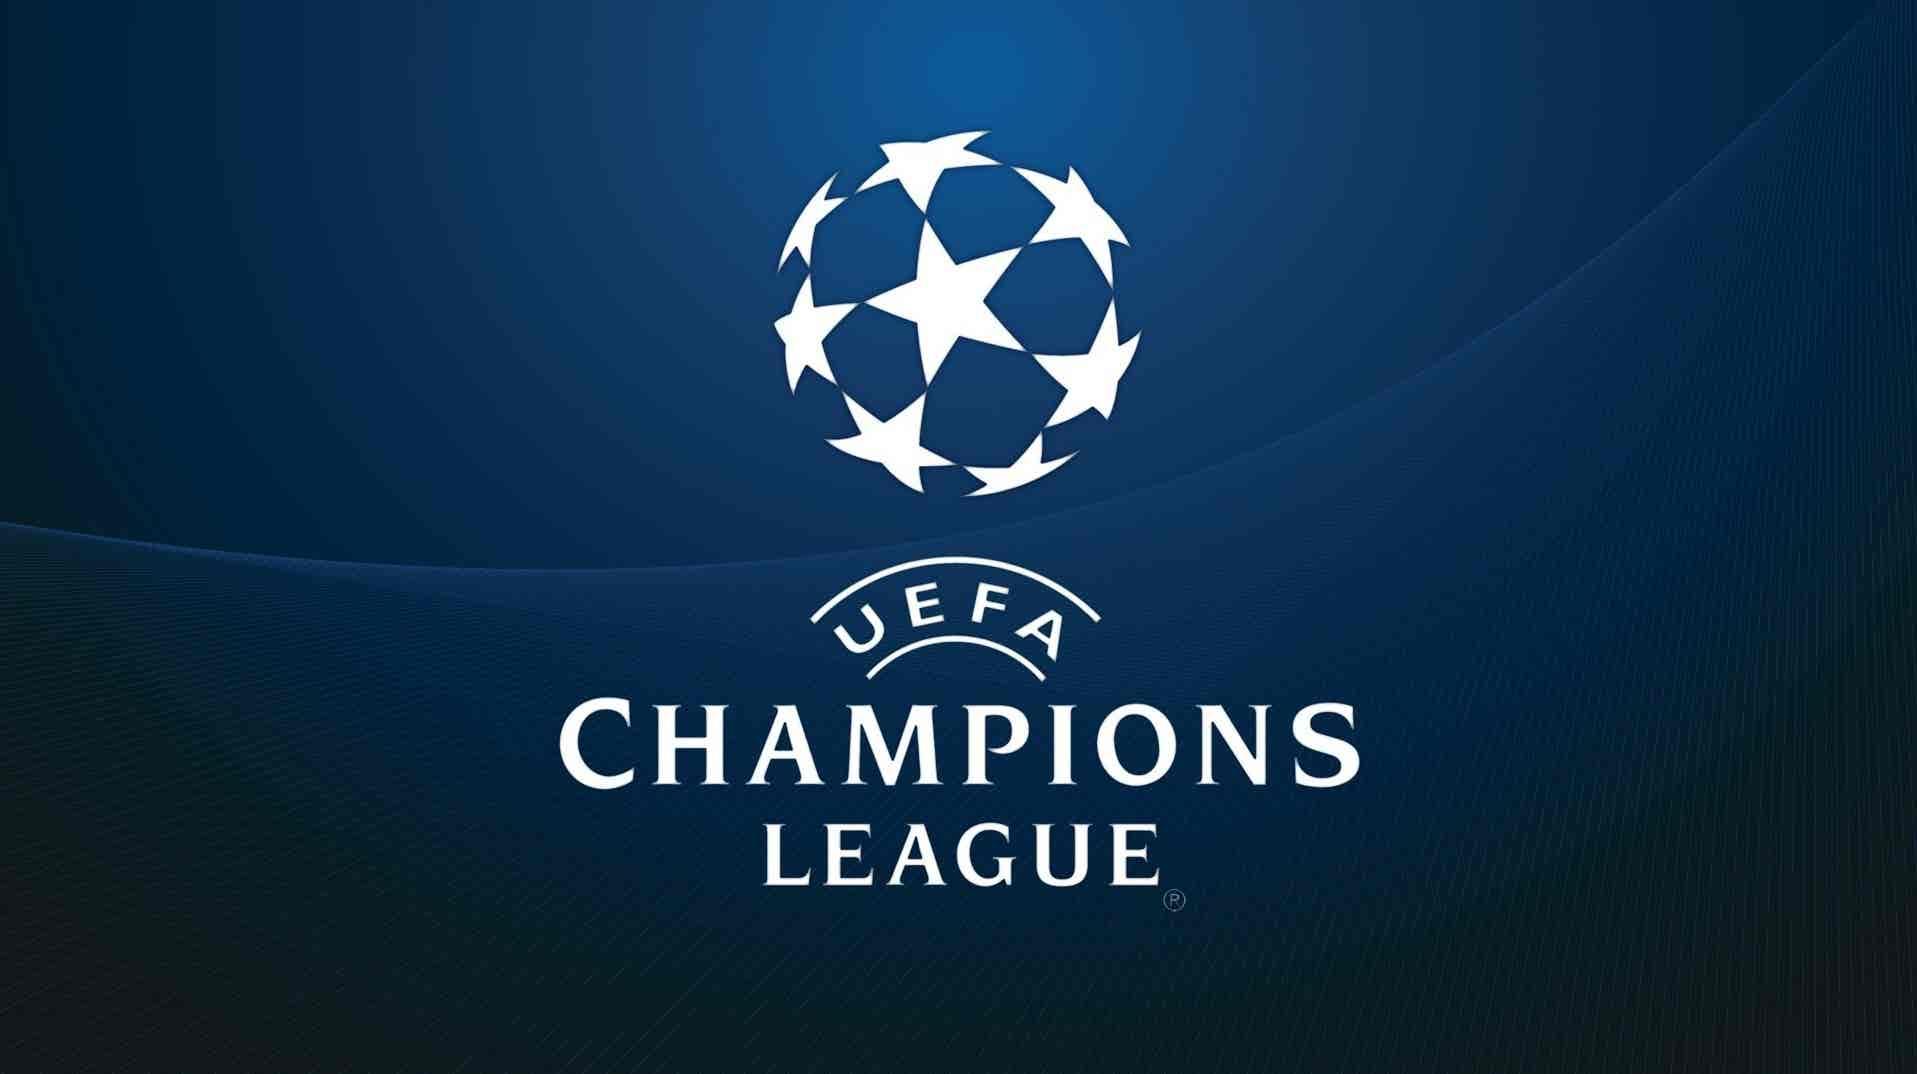 Play - Futebol: Liga dos Campeões - Pós-Match